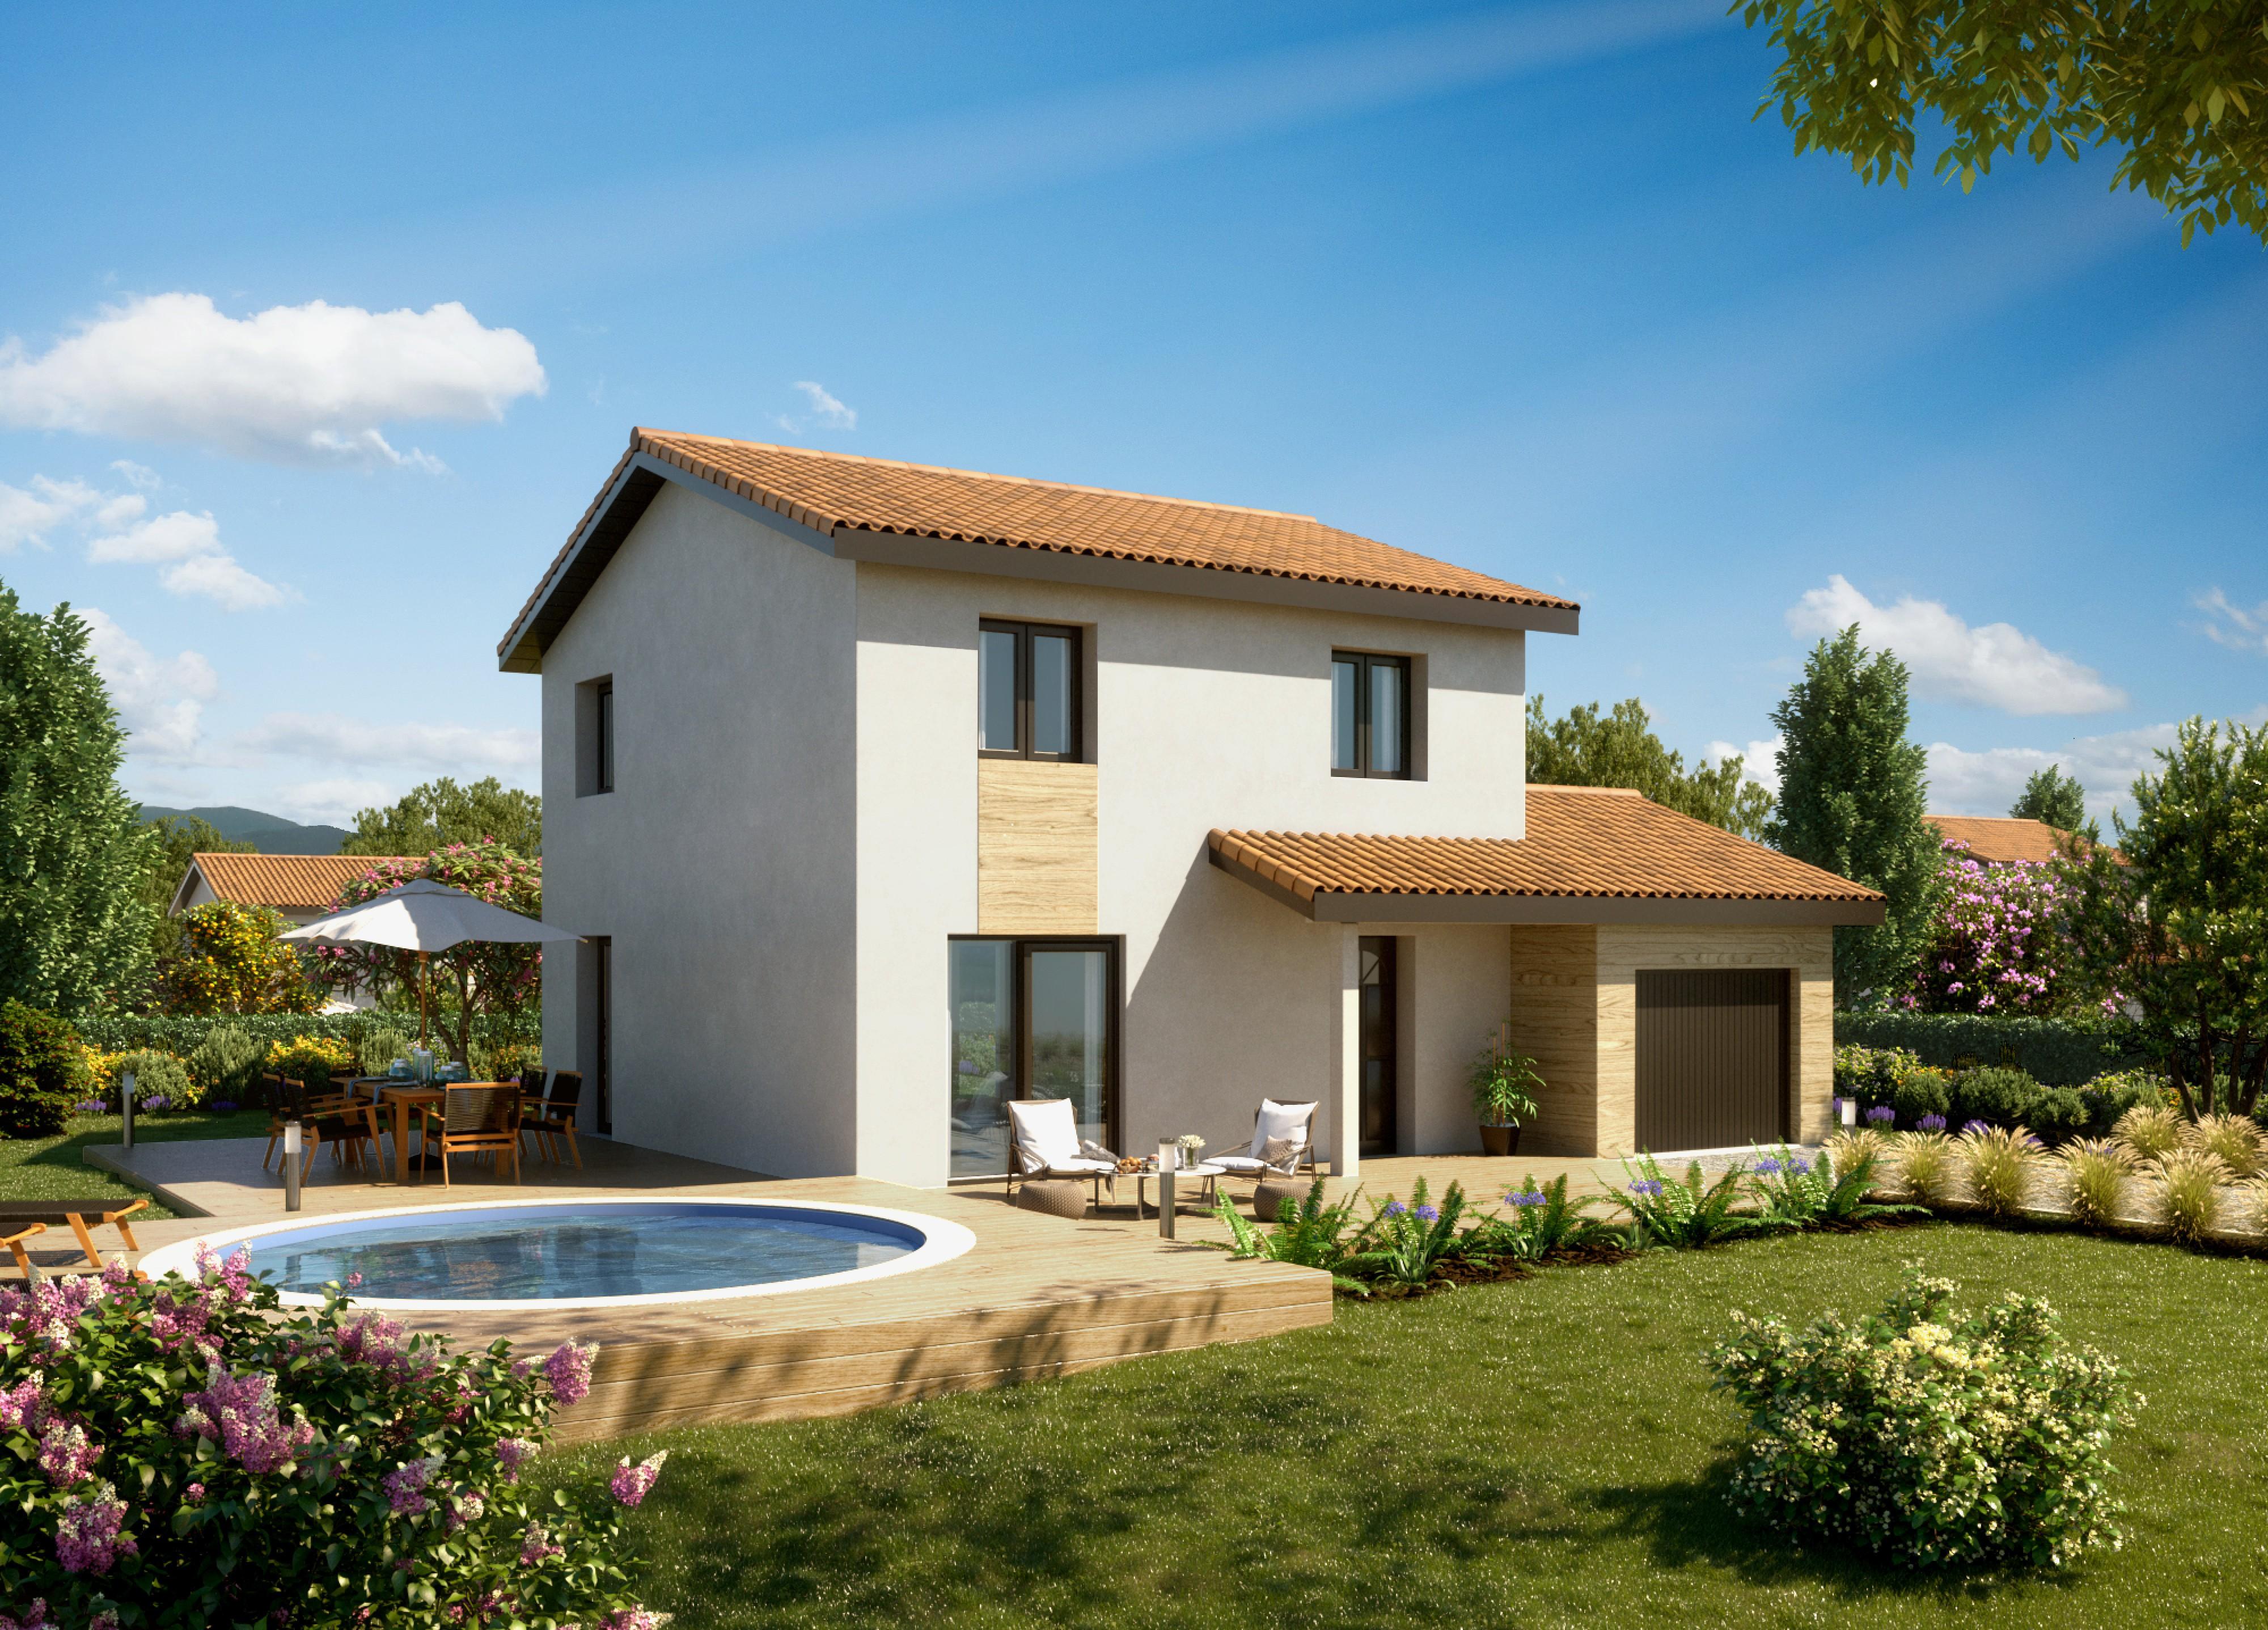 Maisons + Terrains du constructeur MAISONS PUNCH • 94 m² • VILLARS LES DOMBES